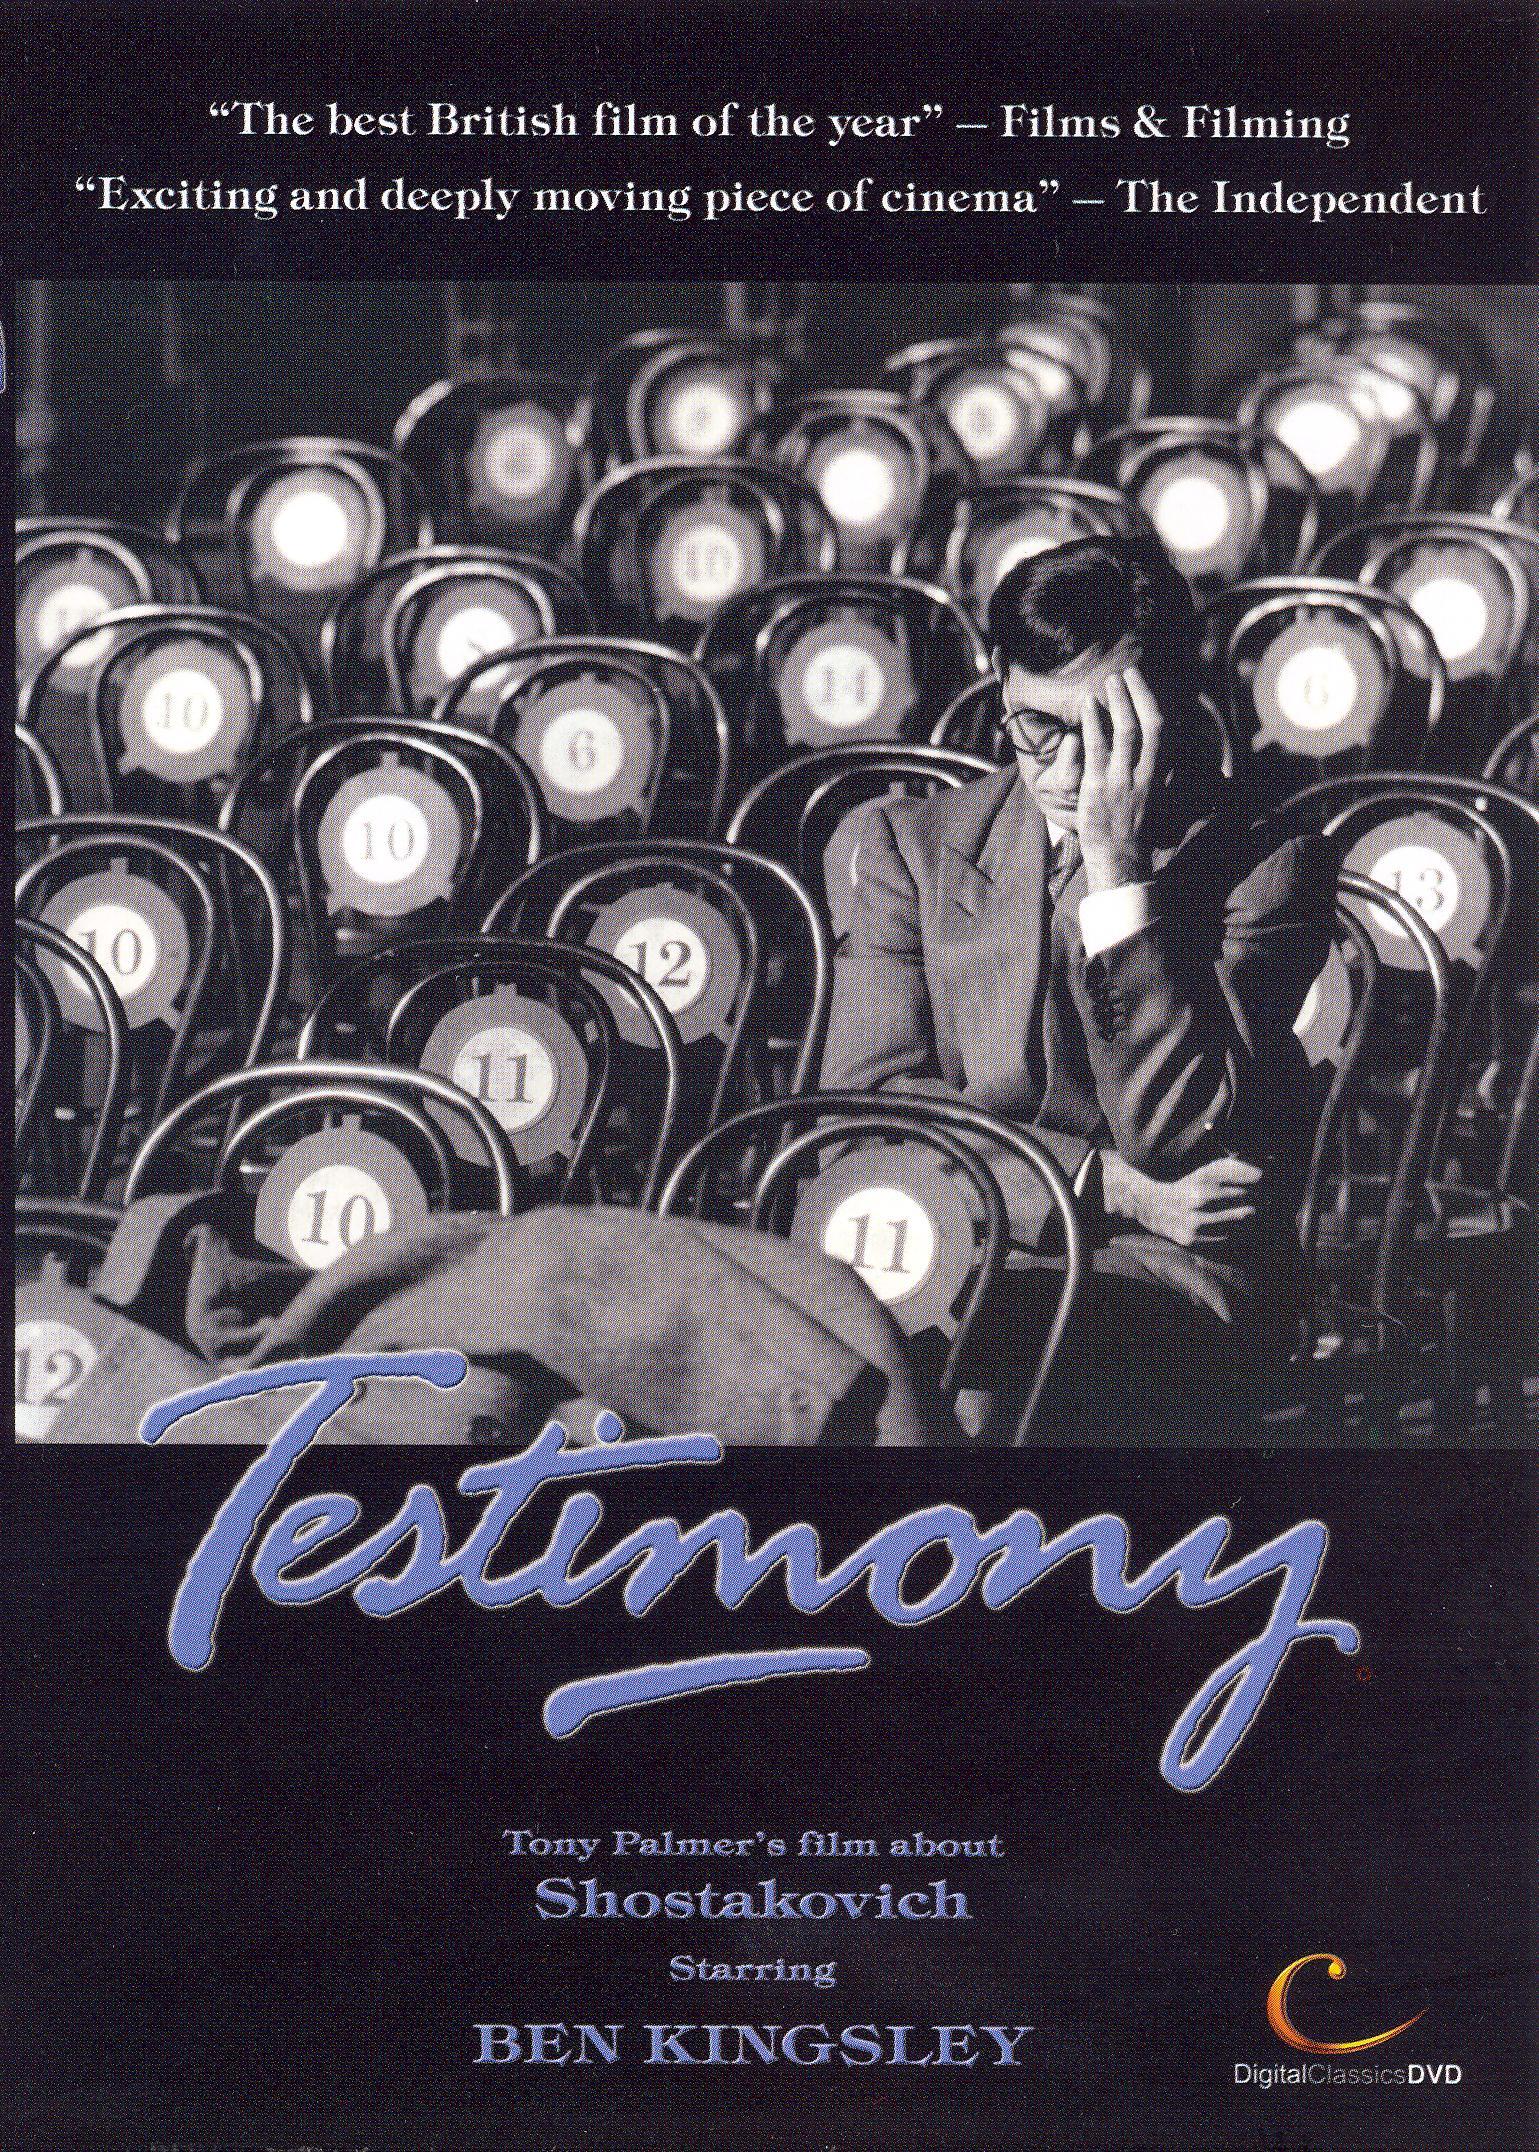 Testimony: Tony Palmer's Story of Shostakovich